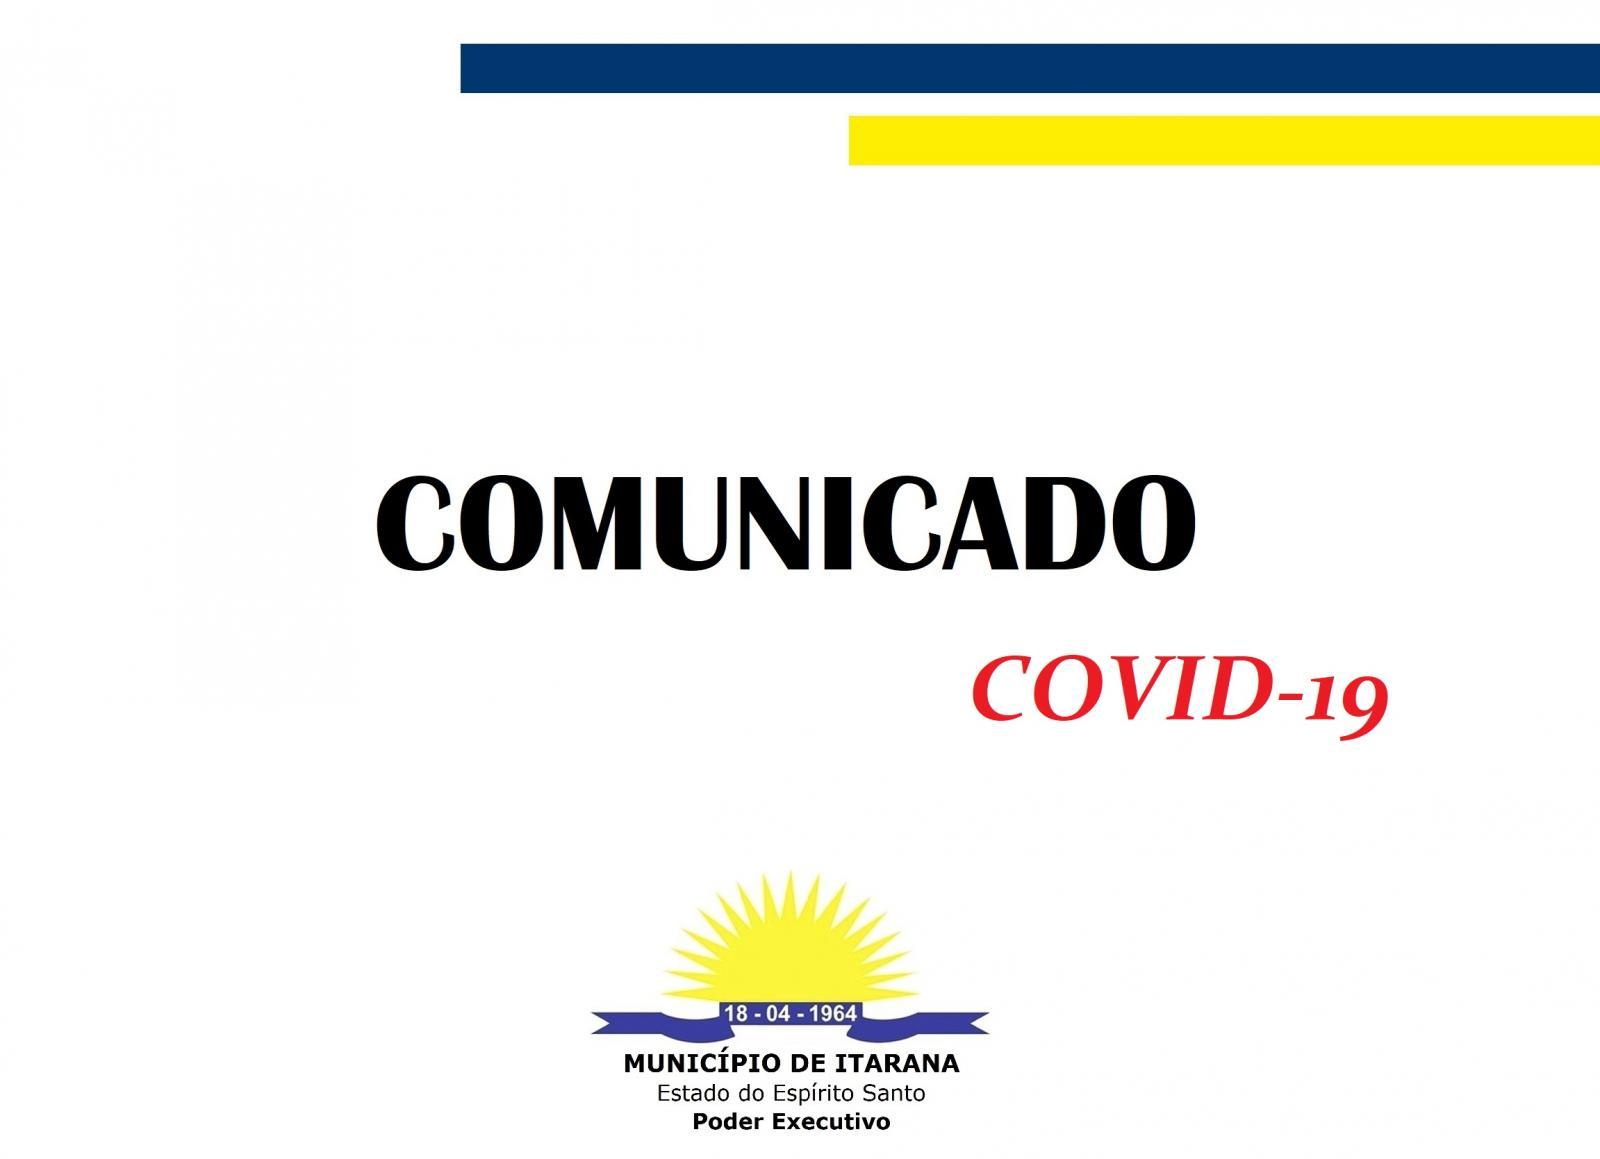 Comunicado - Coronavírus (COVID-19)